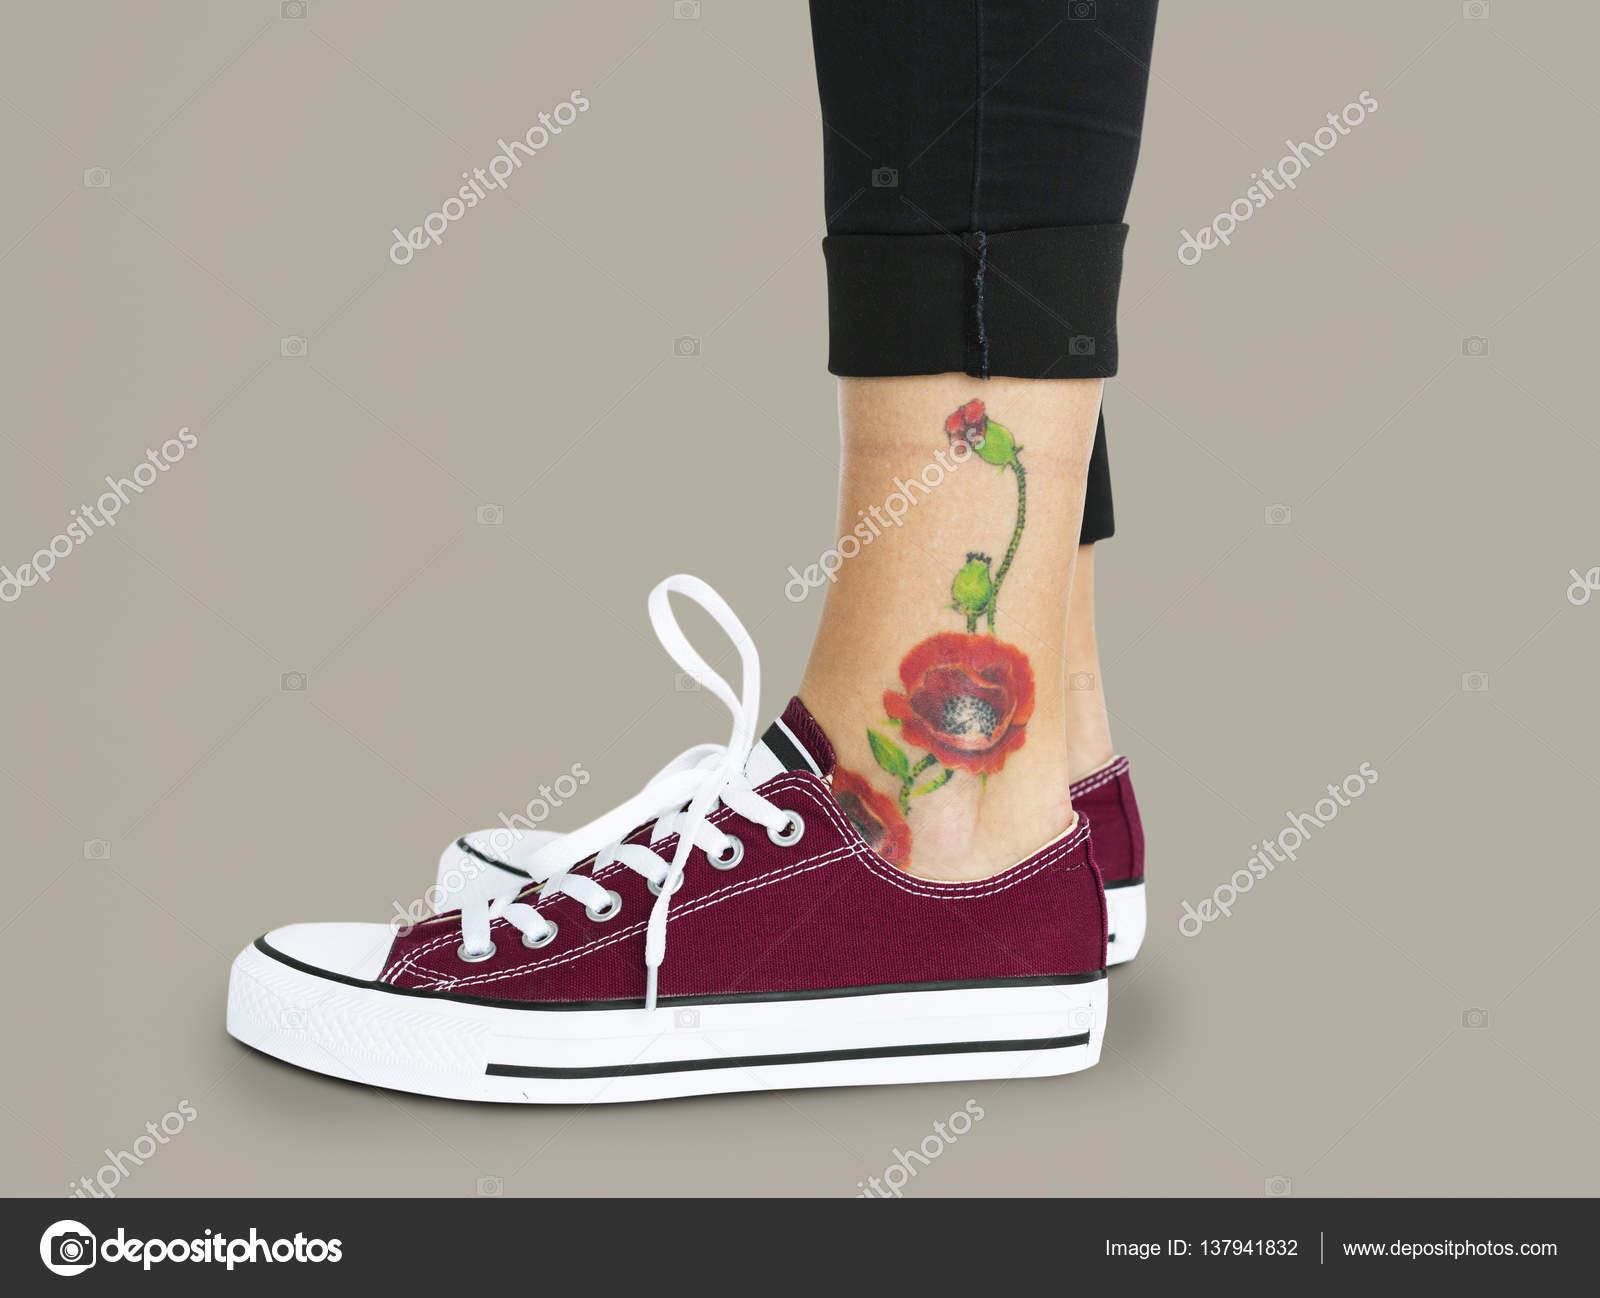 Blume Tattoo Am Knöchel Stockfoto Rawpixel 137941832